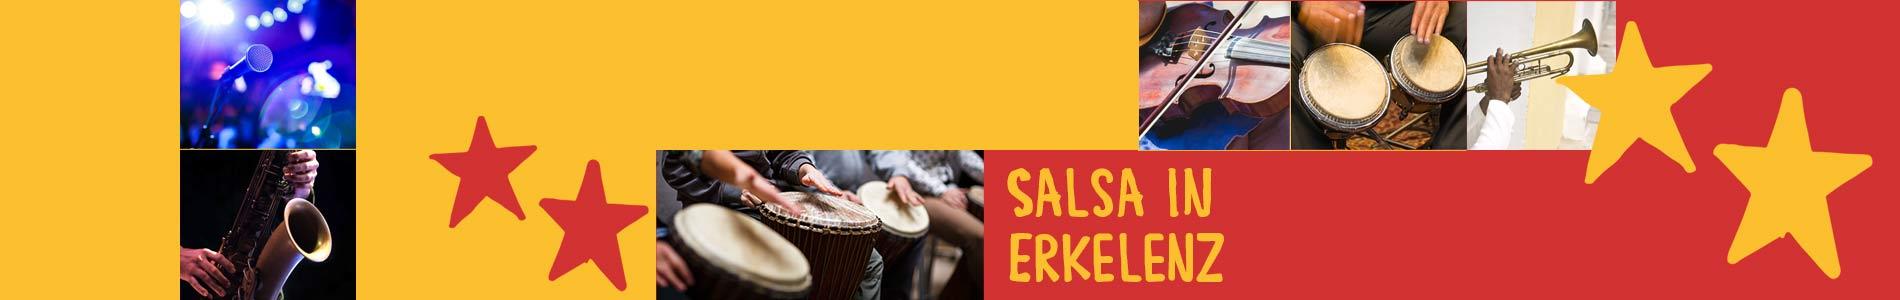 Salsa in Erkelenz – Salsa lernen und tanzen, Tanzkurse, Partys, Veranstaltungen